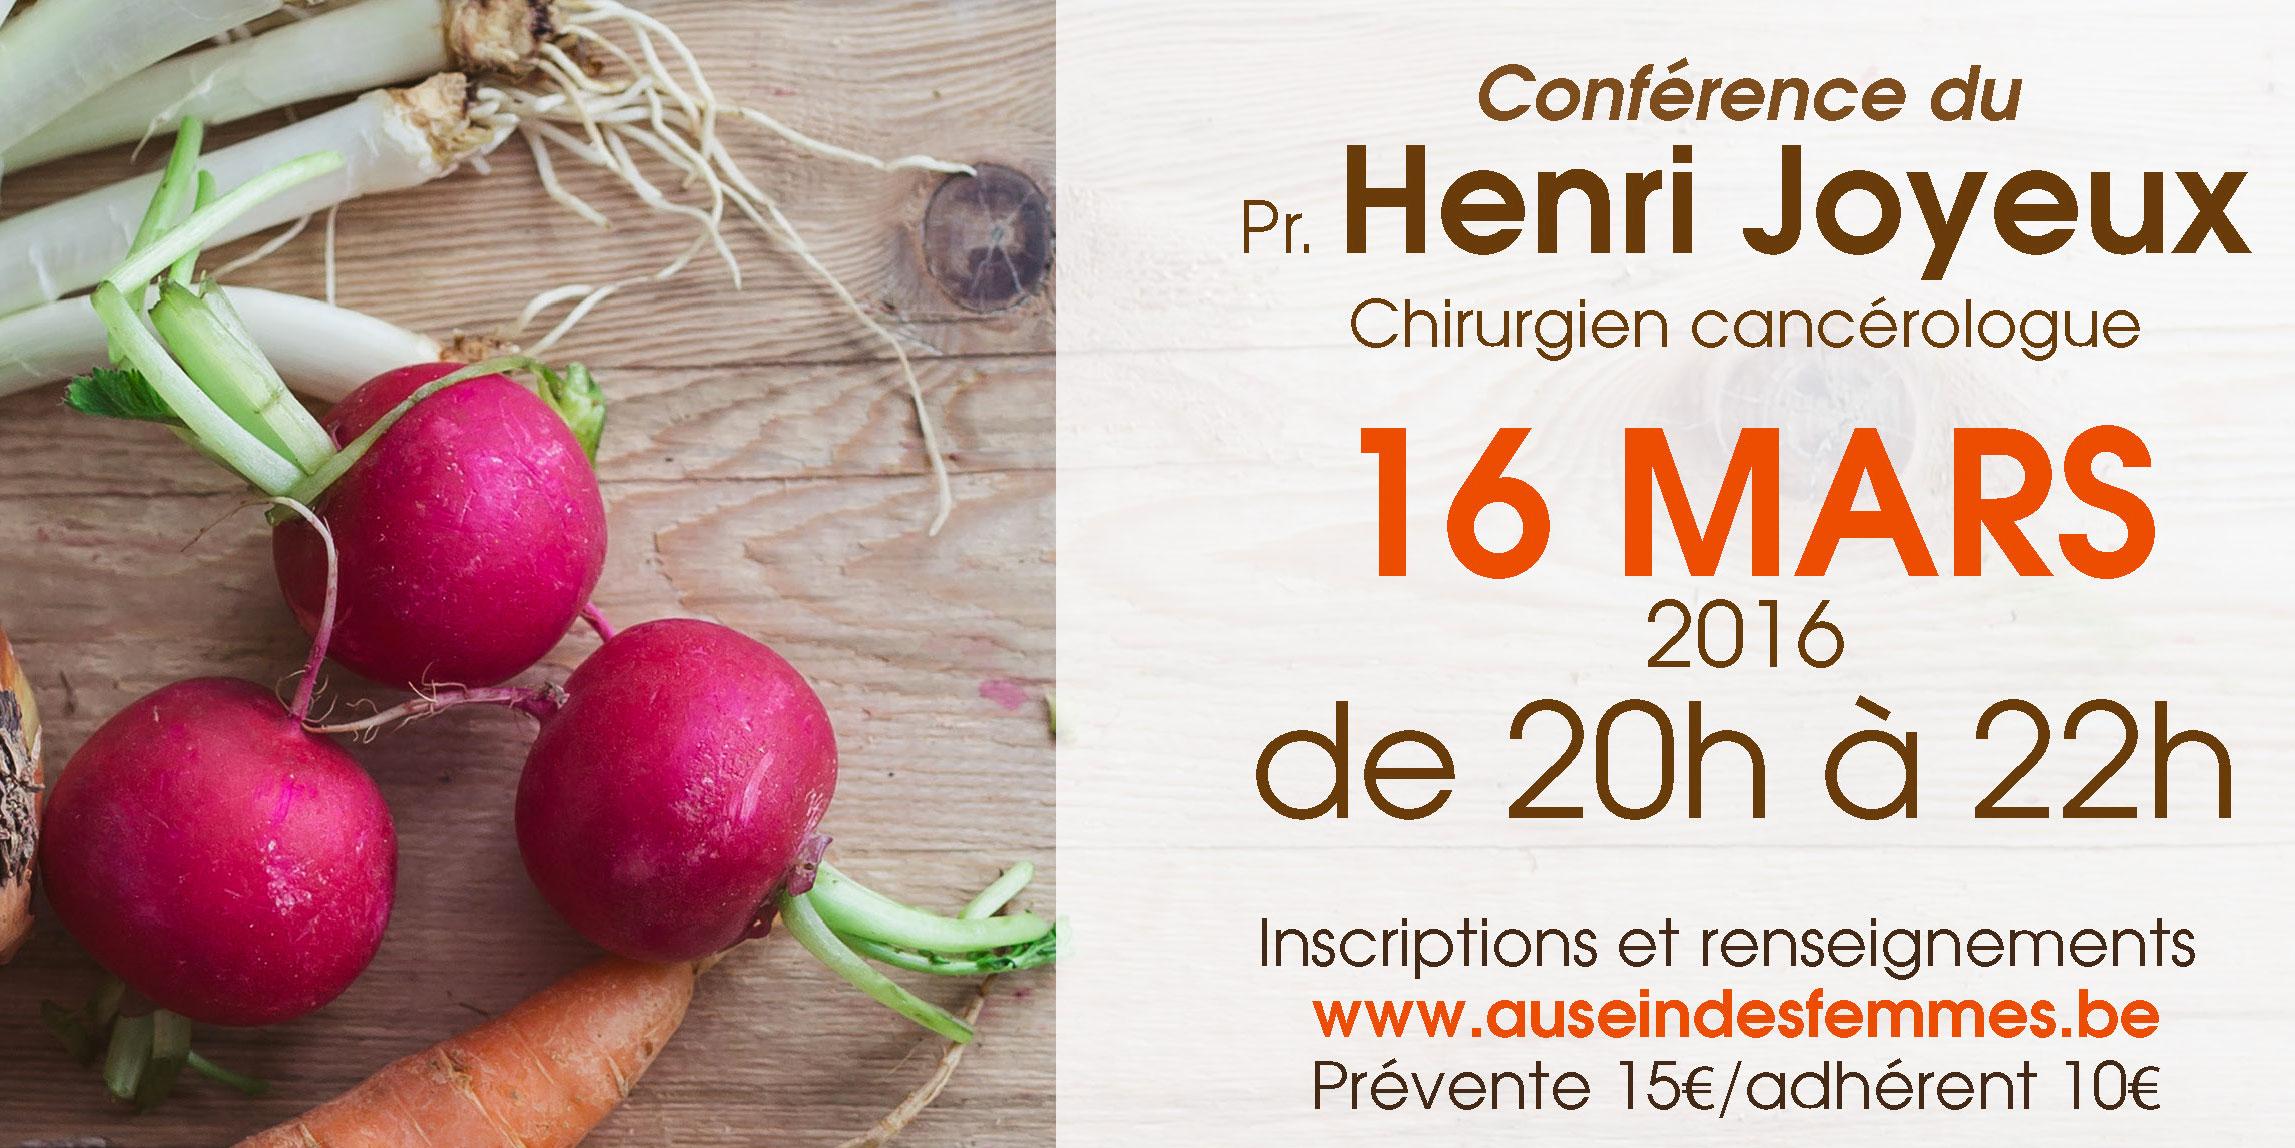 Conférence du Professeur Henri Joyeux